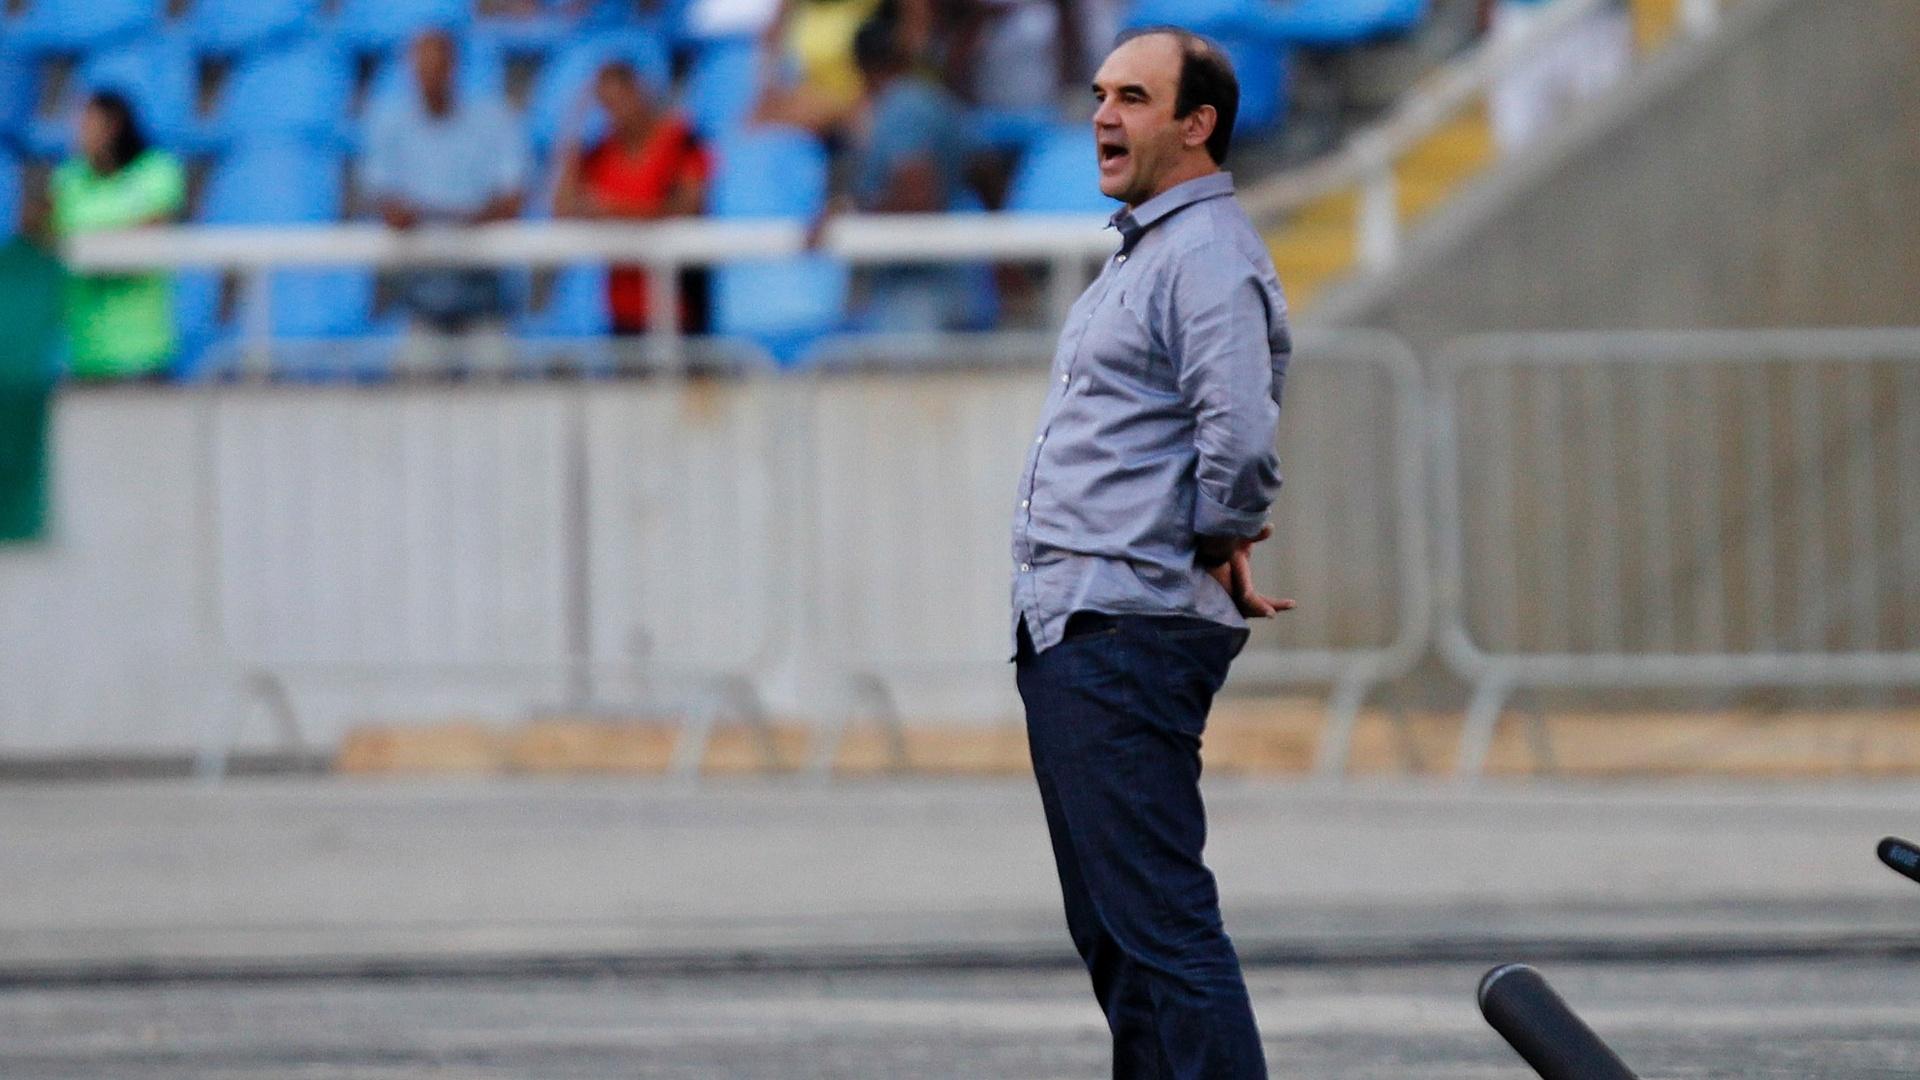 O técnico Ricardo Gomes não teve uma boa estreia no Botafogo. Em jogo realizado no Engenhão, o time carioca empatou sem gols com o Luverdense